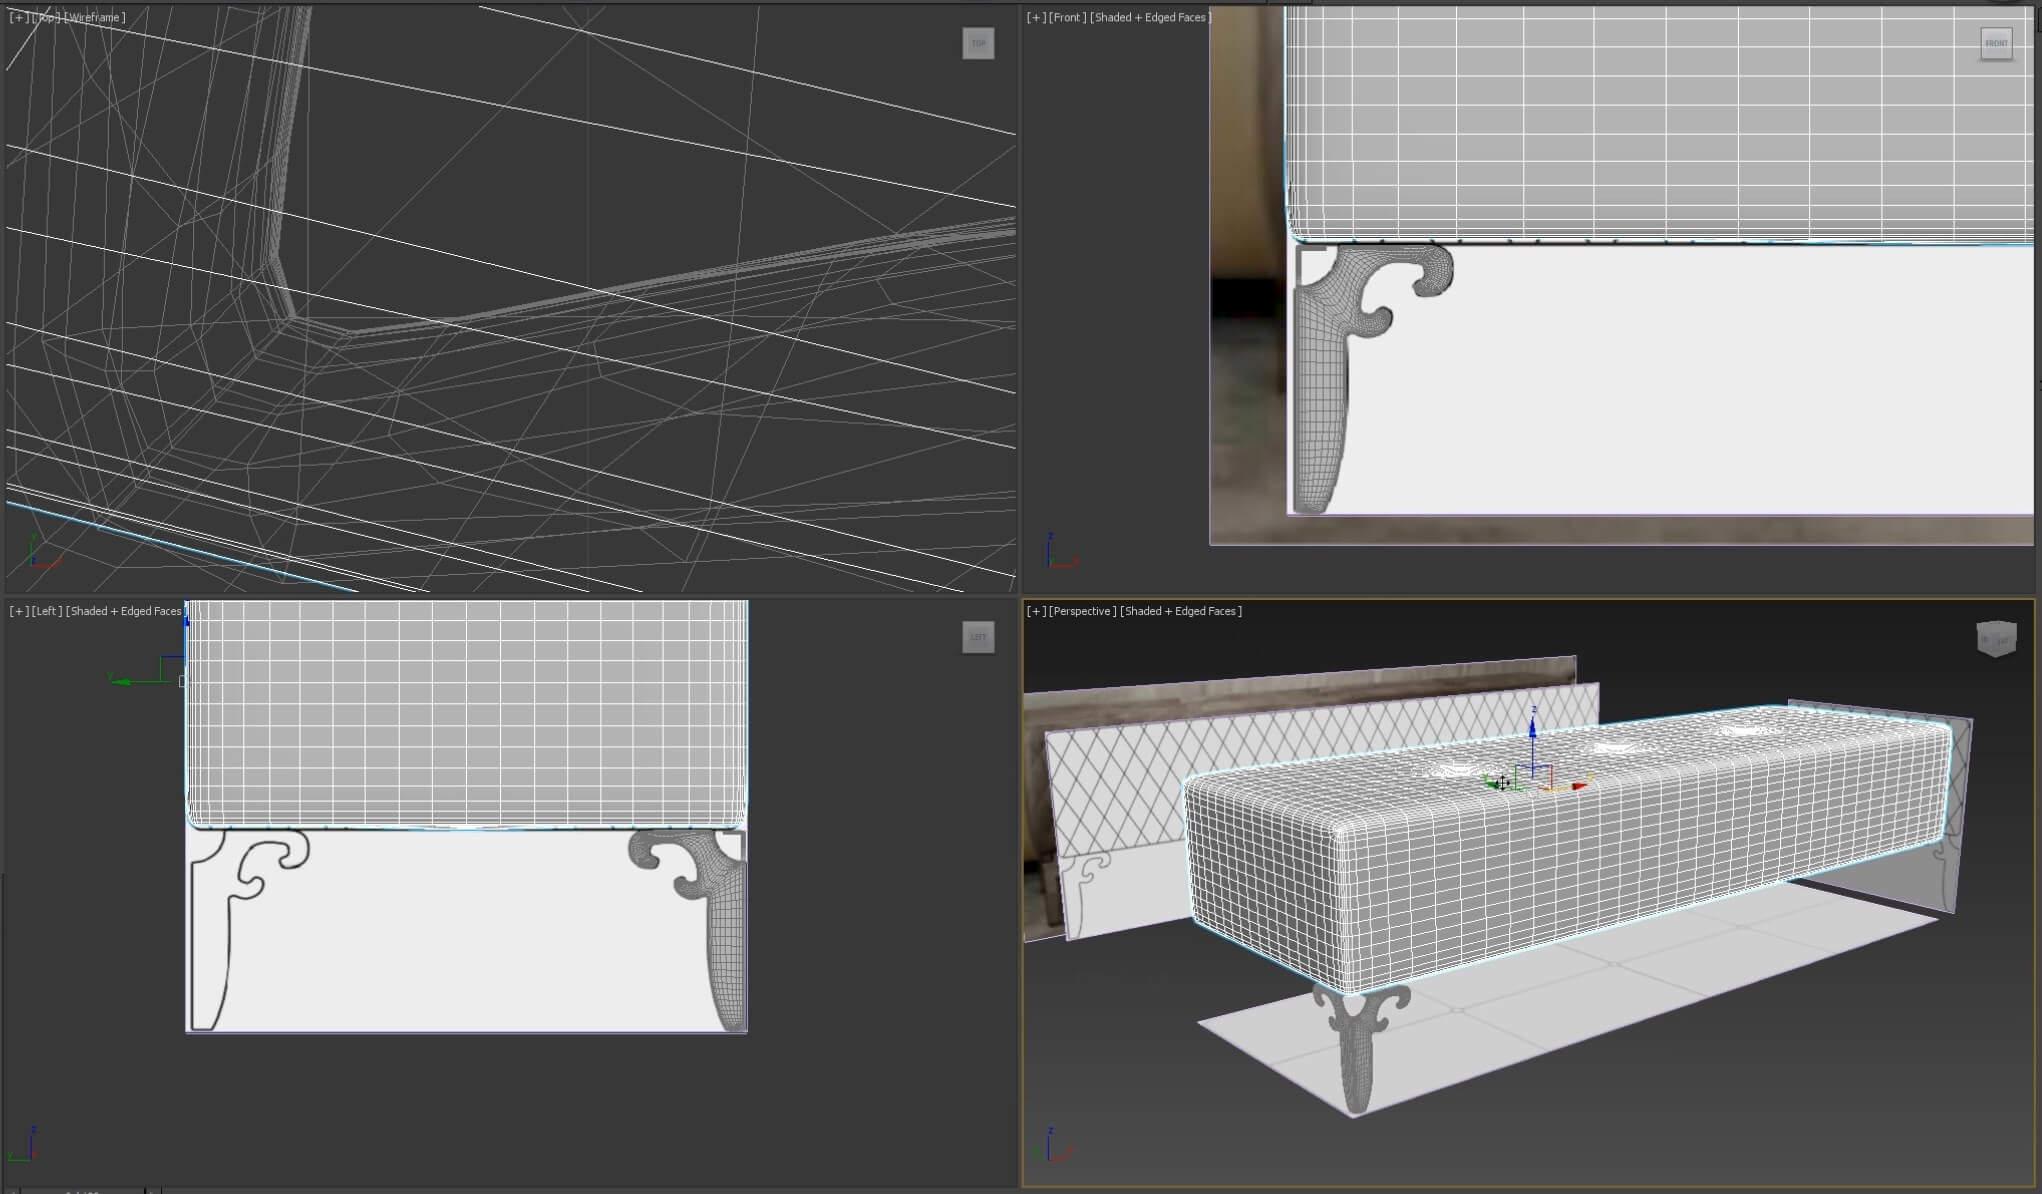 Как создать 3d модель прикроватной скамьи DV Home Quilt в 3dsMax, Marvelous Designer_1